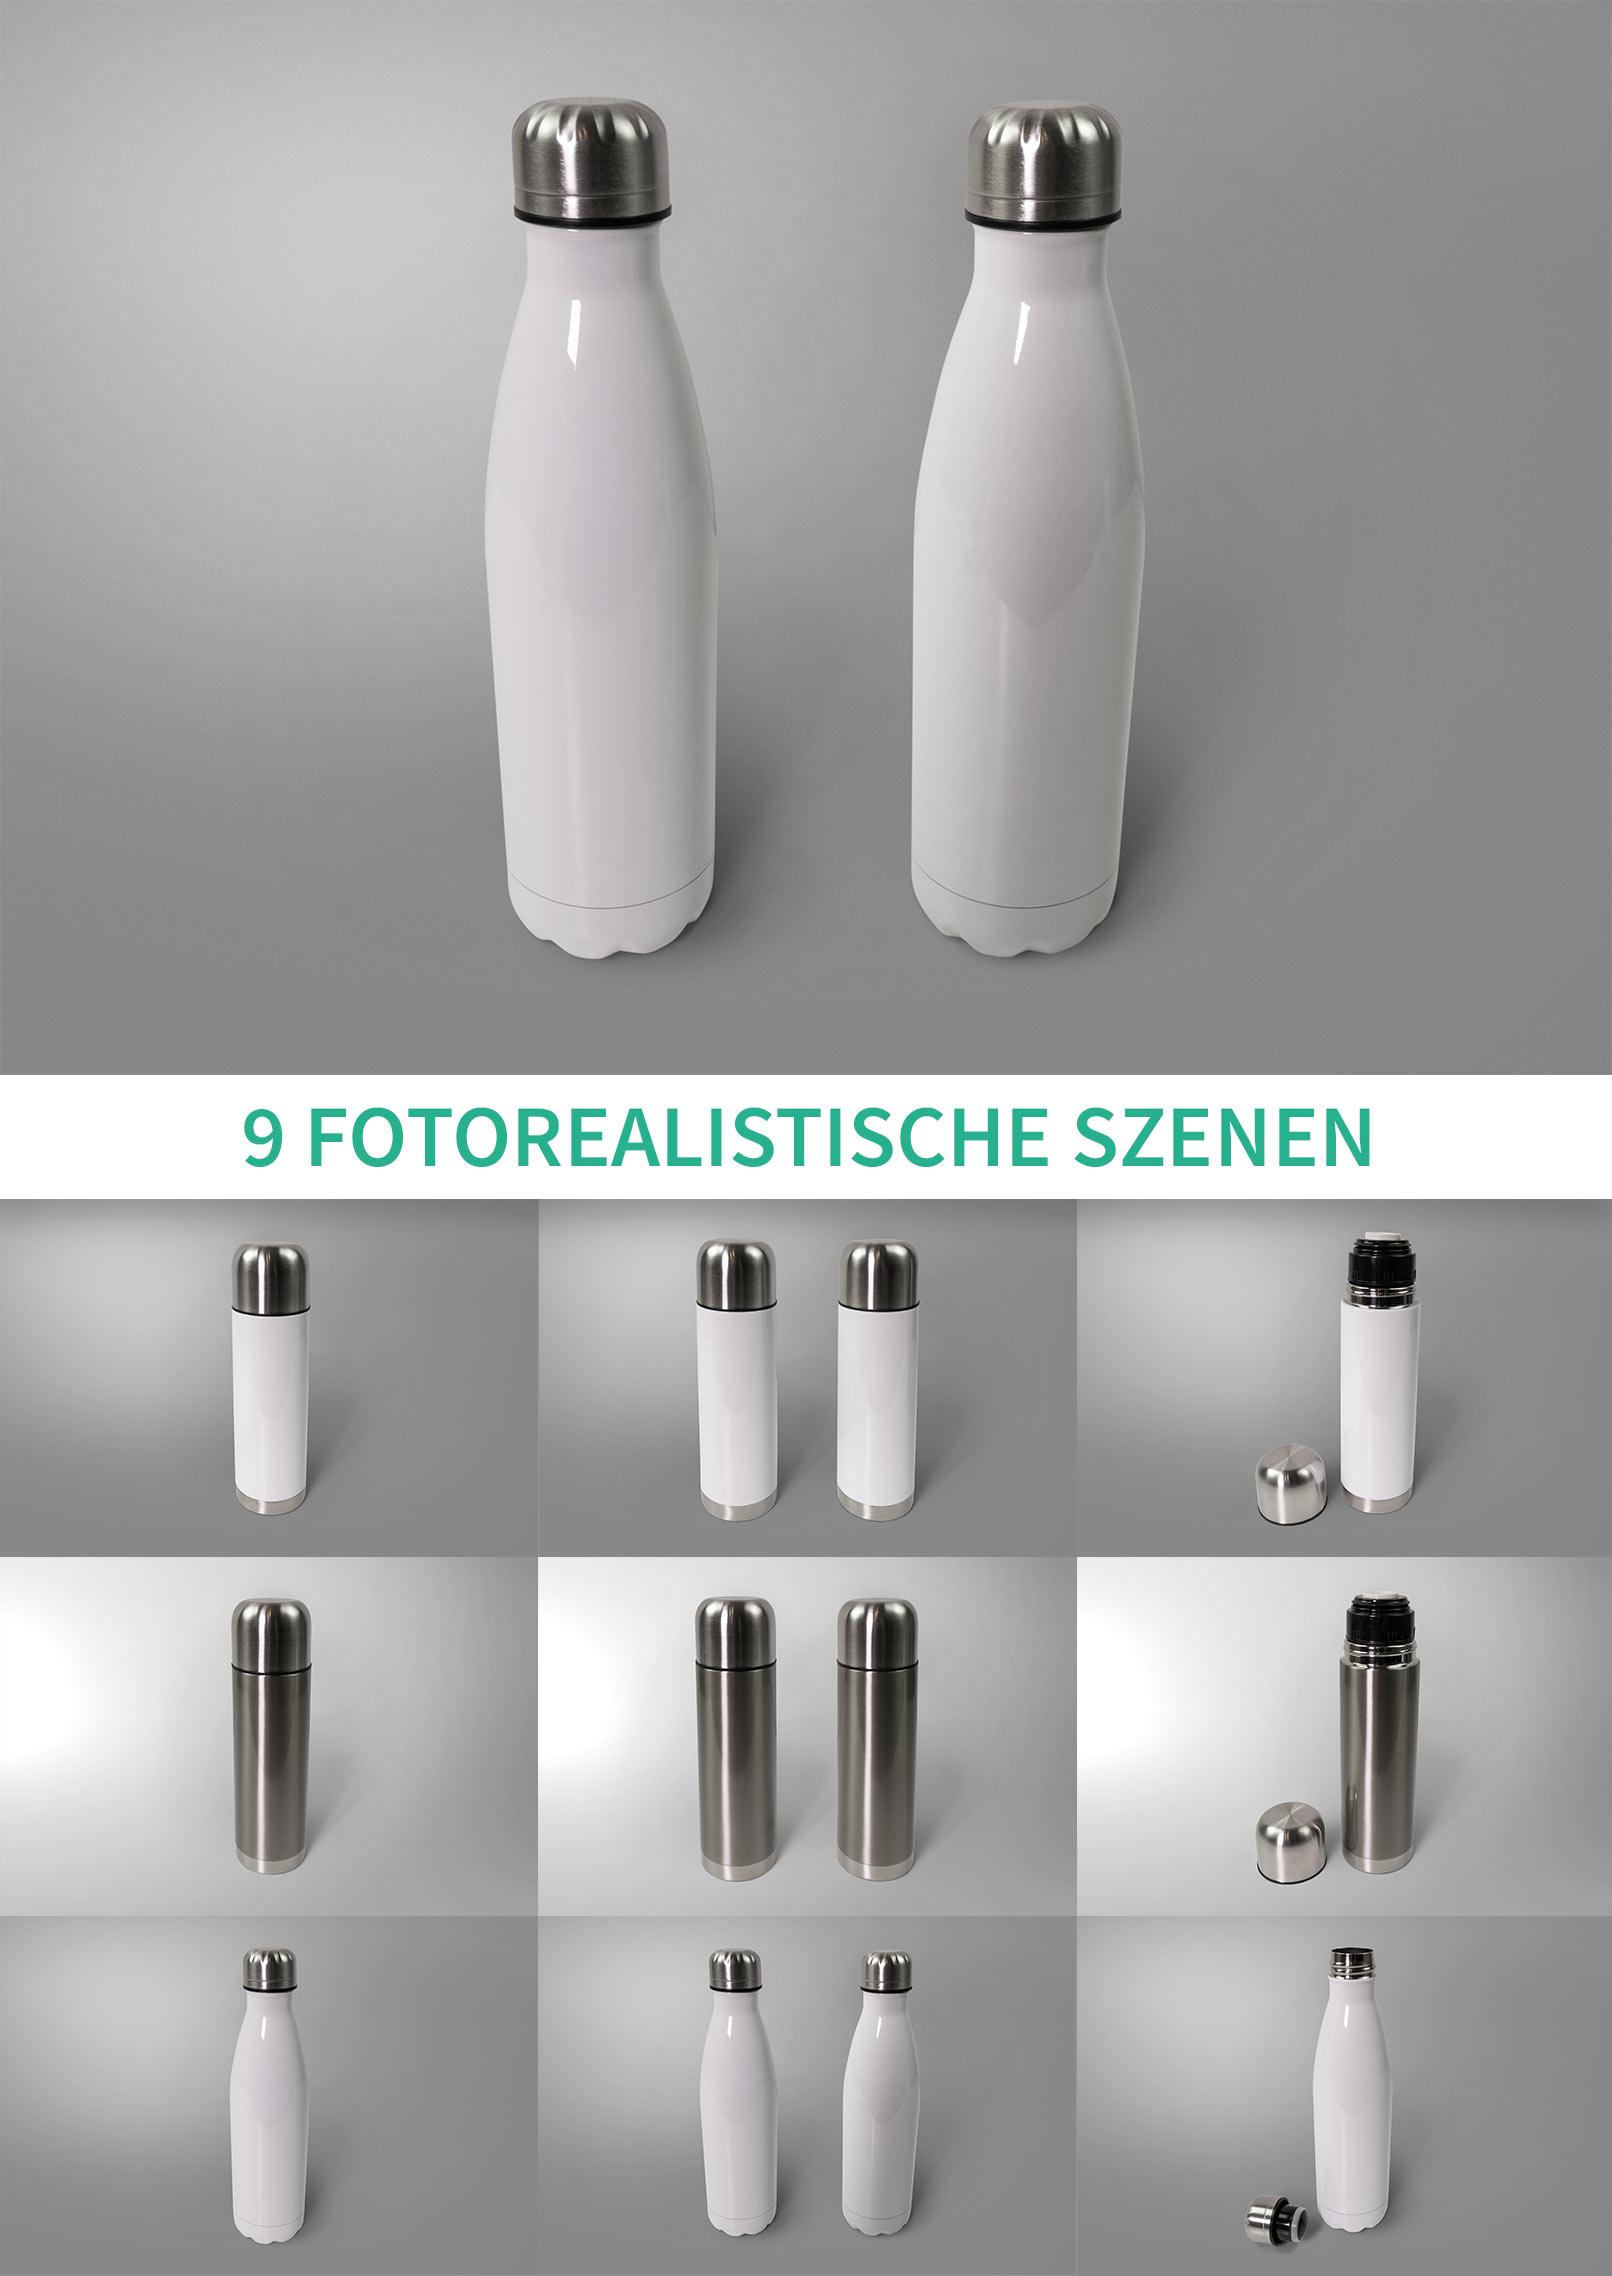 9 Photoshop-Mockups für Thermosflaschenmit verschiedenen Hintergründen